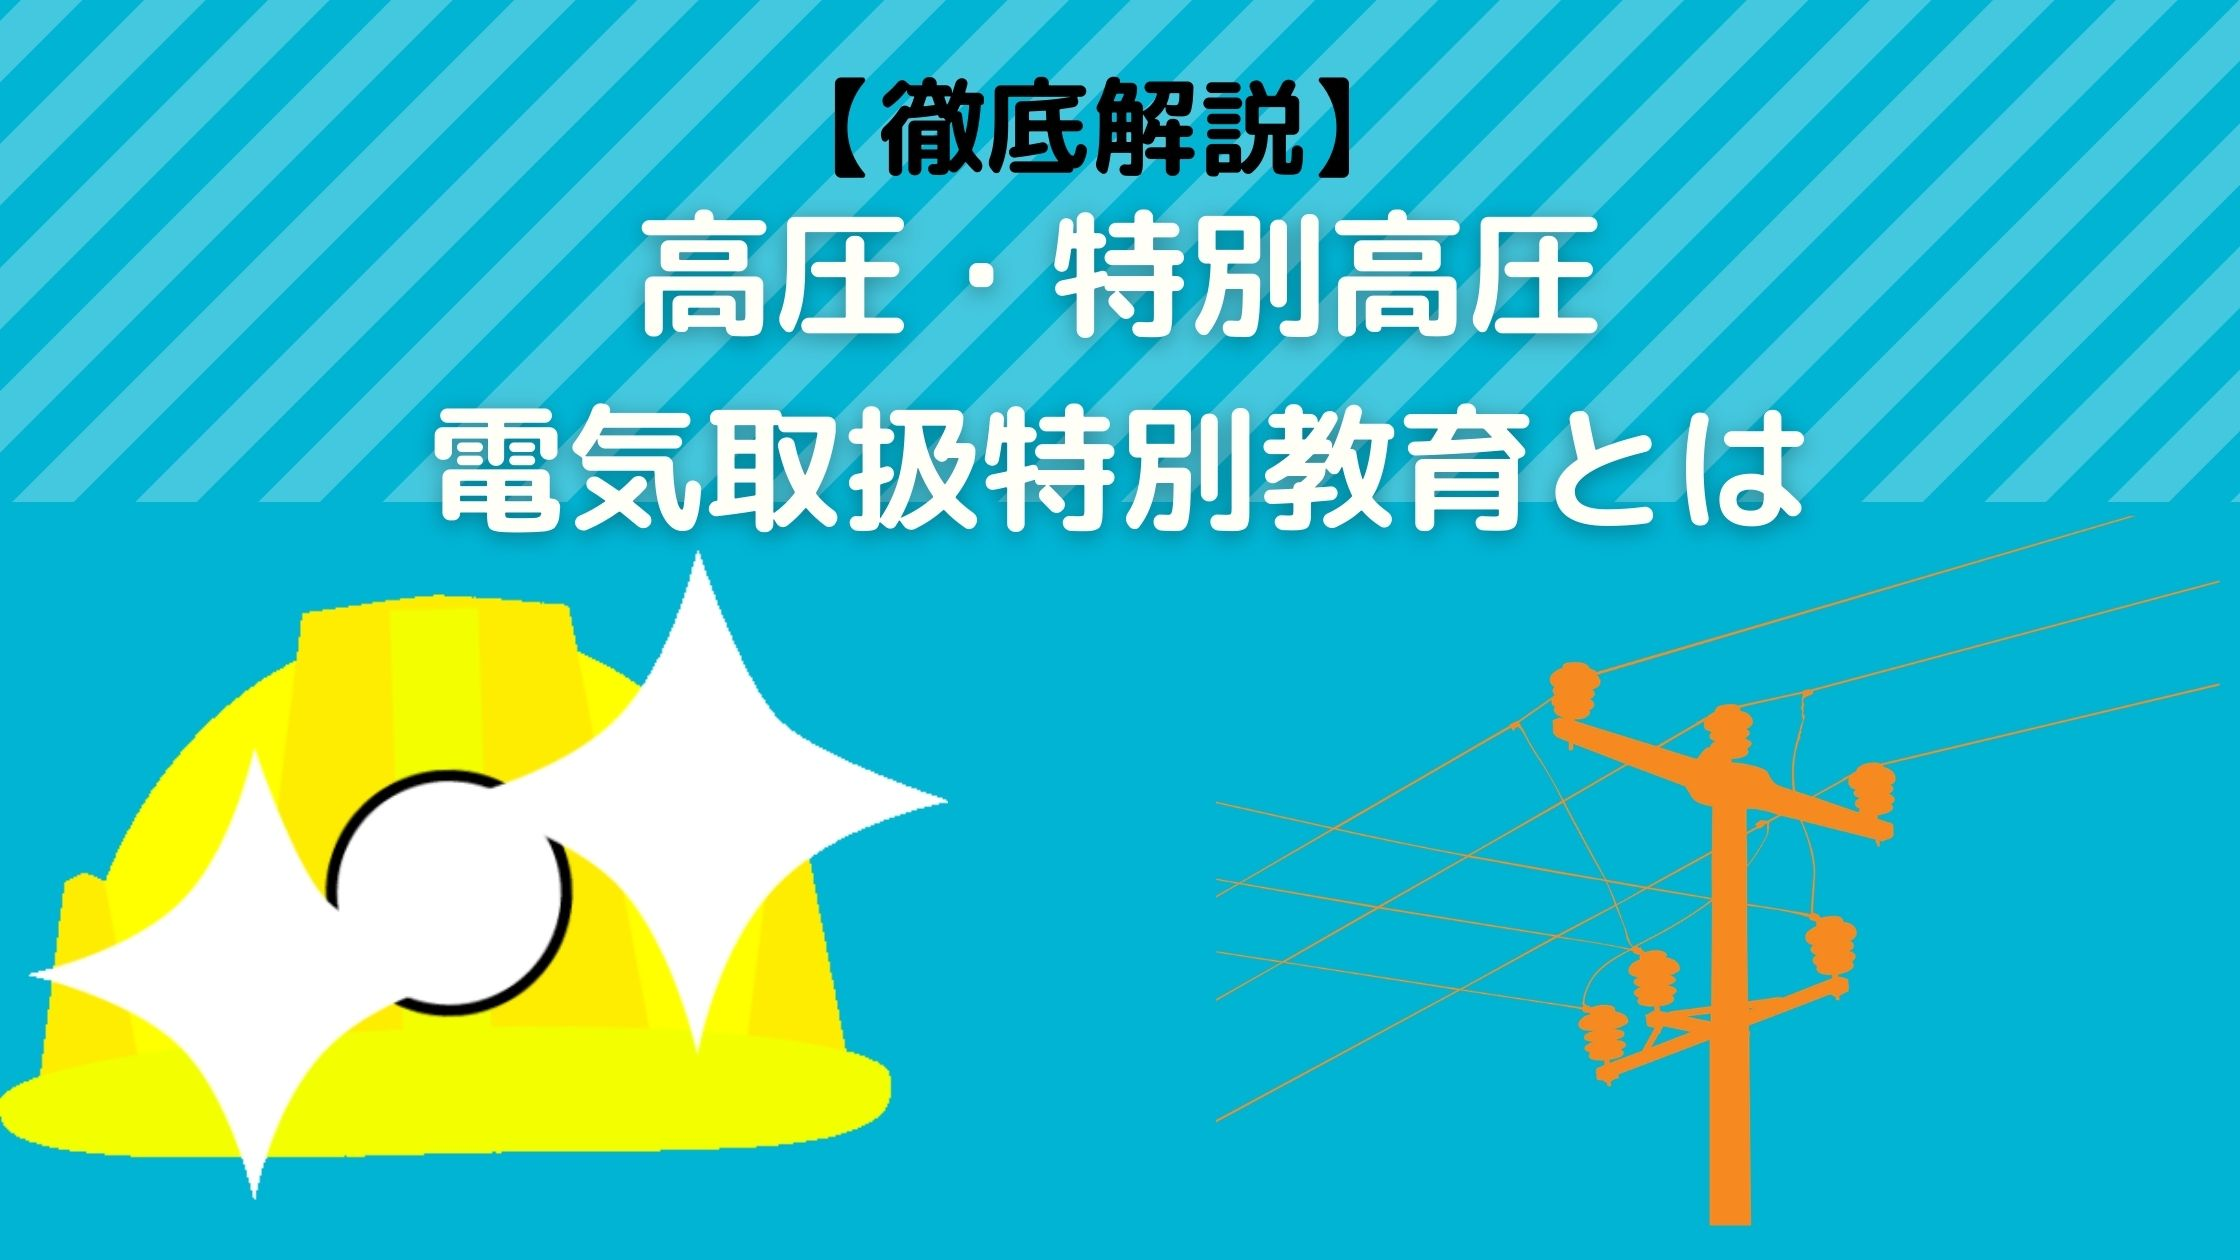 【徹底解説】高圧・特別高圧電気取扱特別教育とは